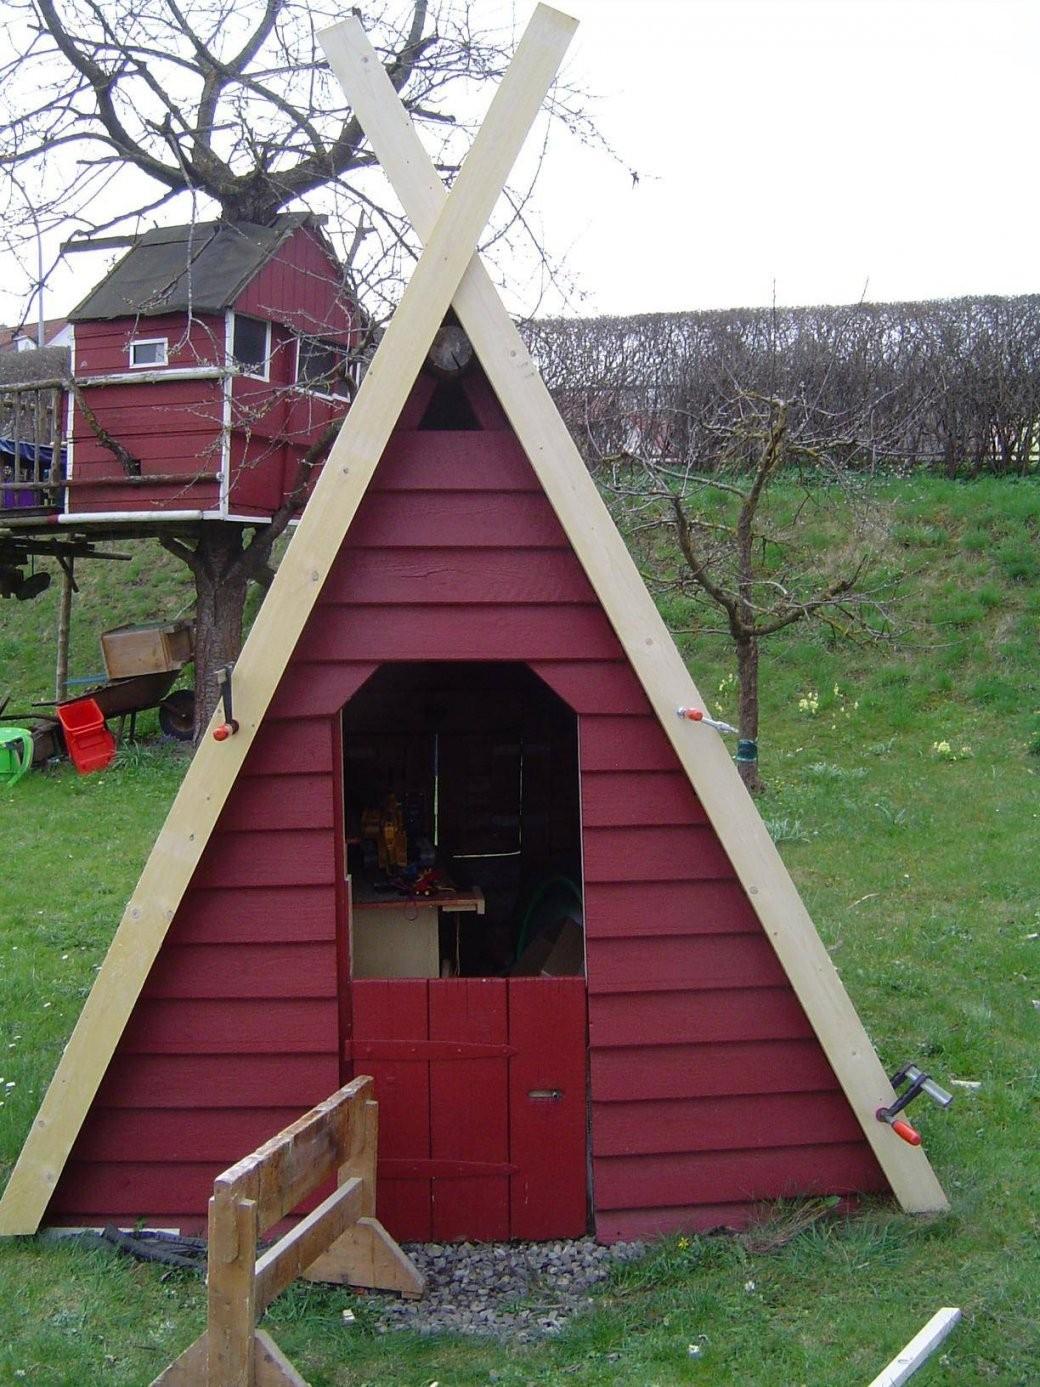 Spielhaus Jochen Selber Bauen Rolands Bauplaene Von Kinderspielhaus von Spielhaus Holz Selber Bauen Photo